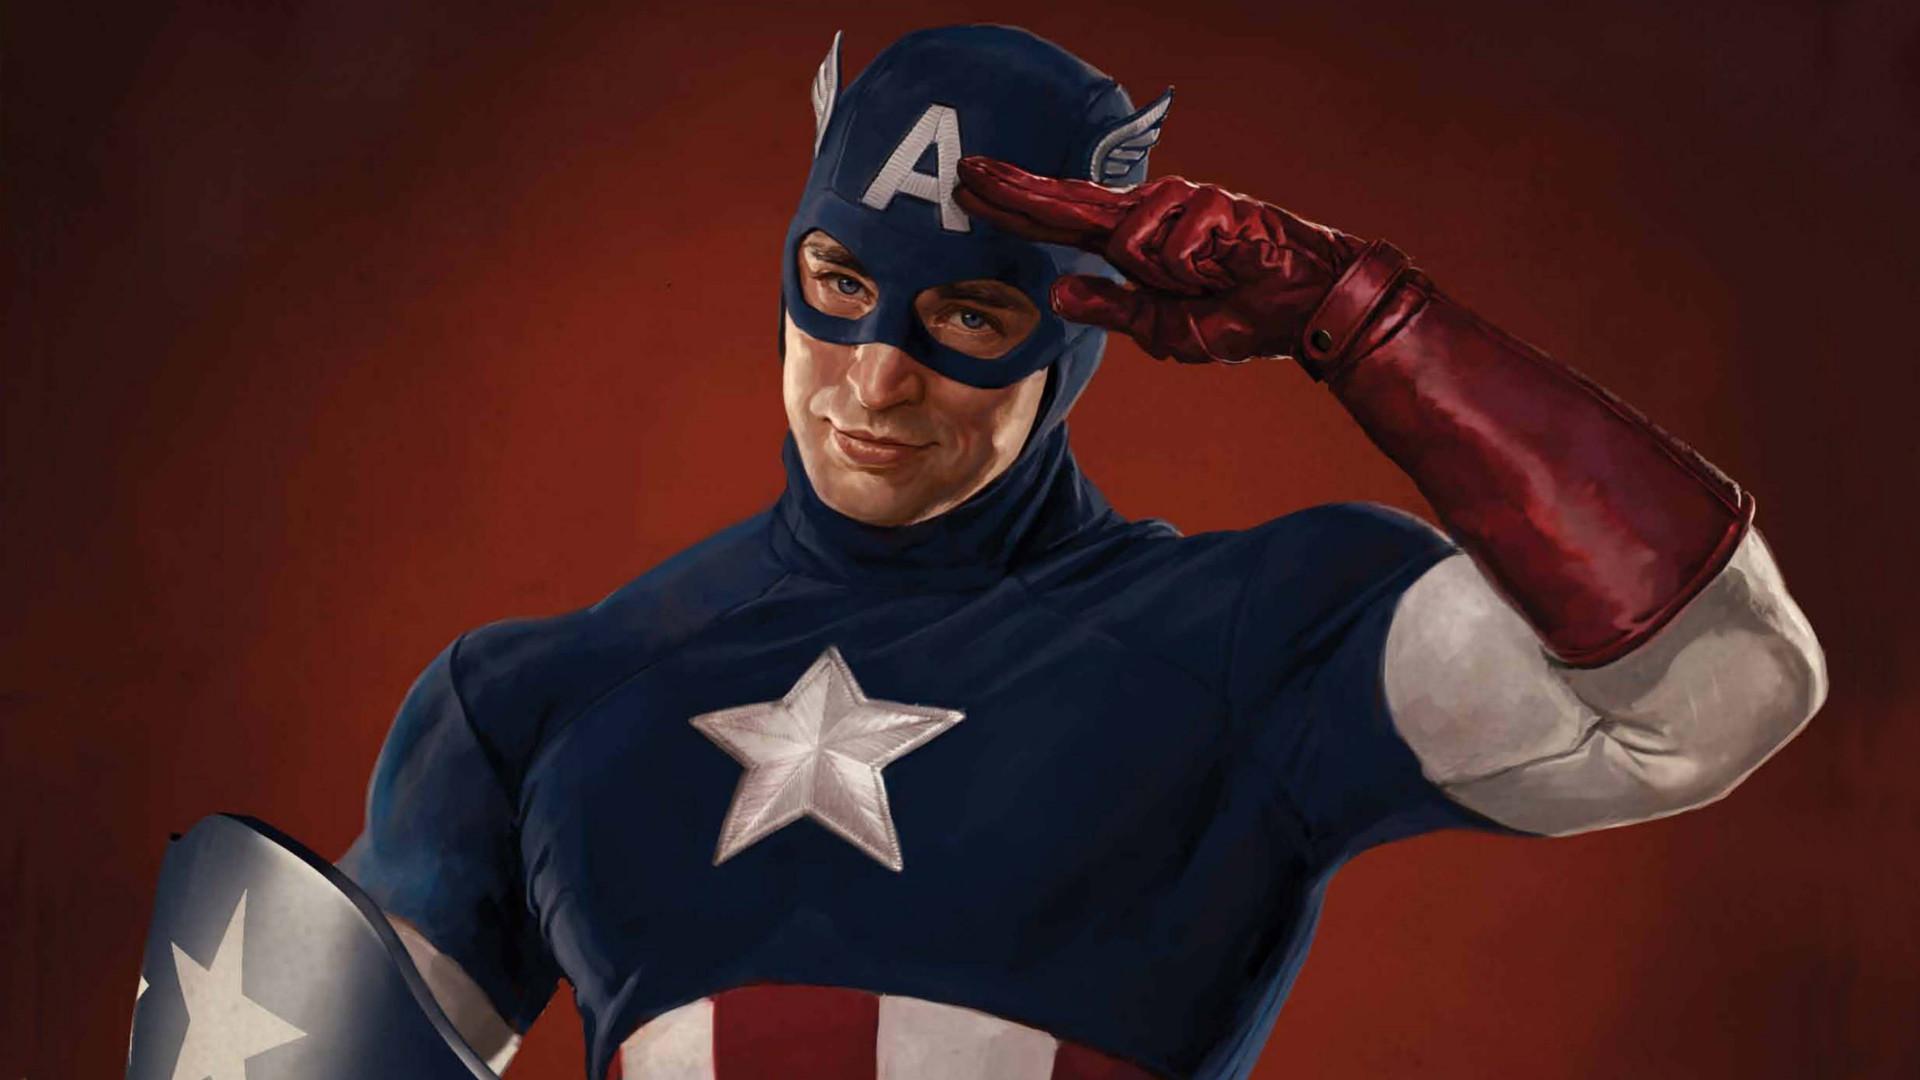 Captain America The First Avenger Superhero F Wallpaper